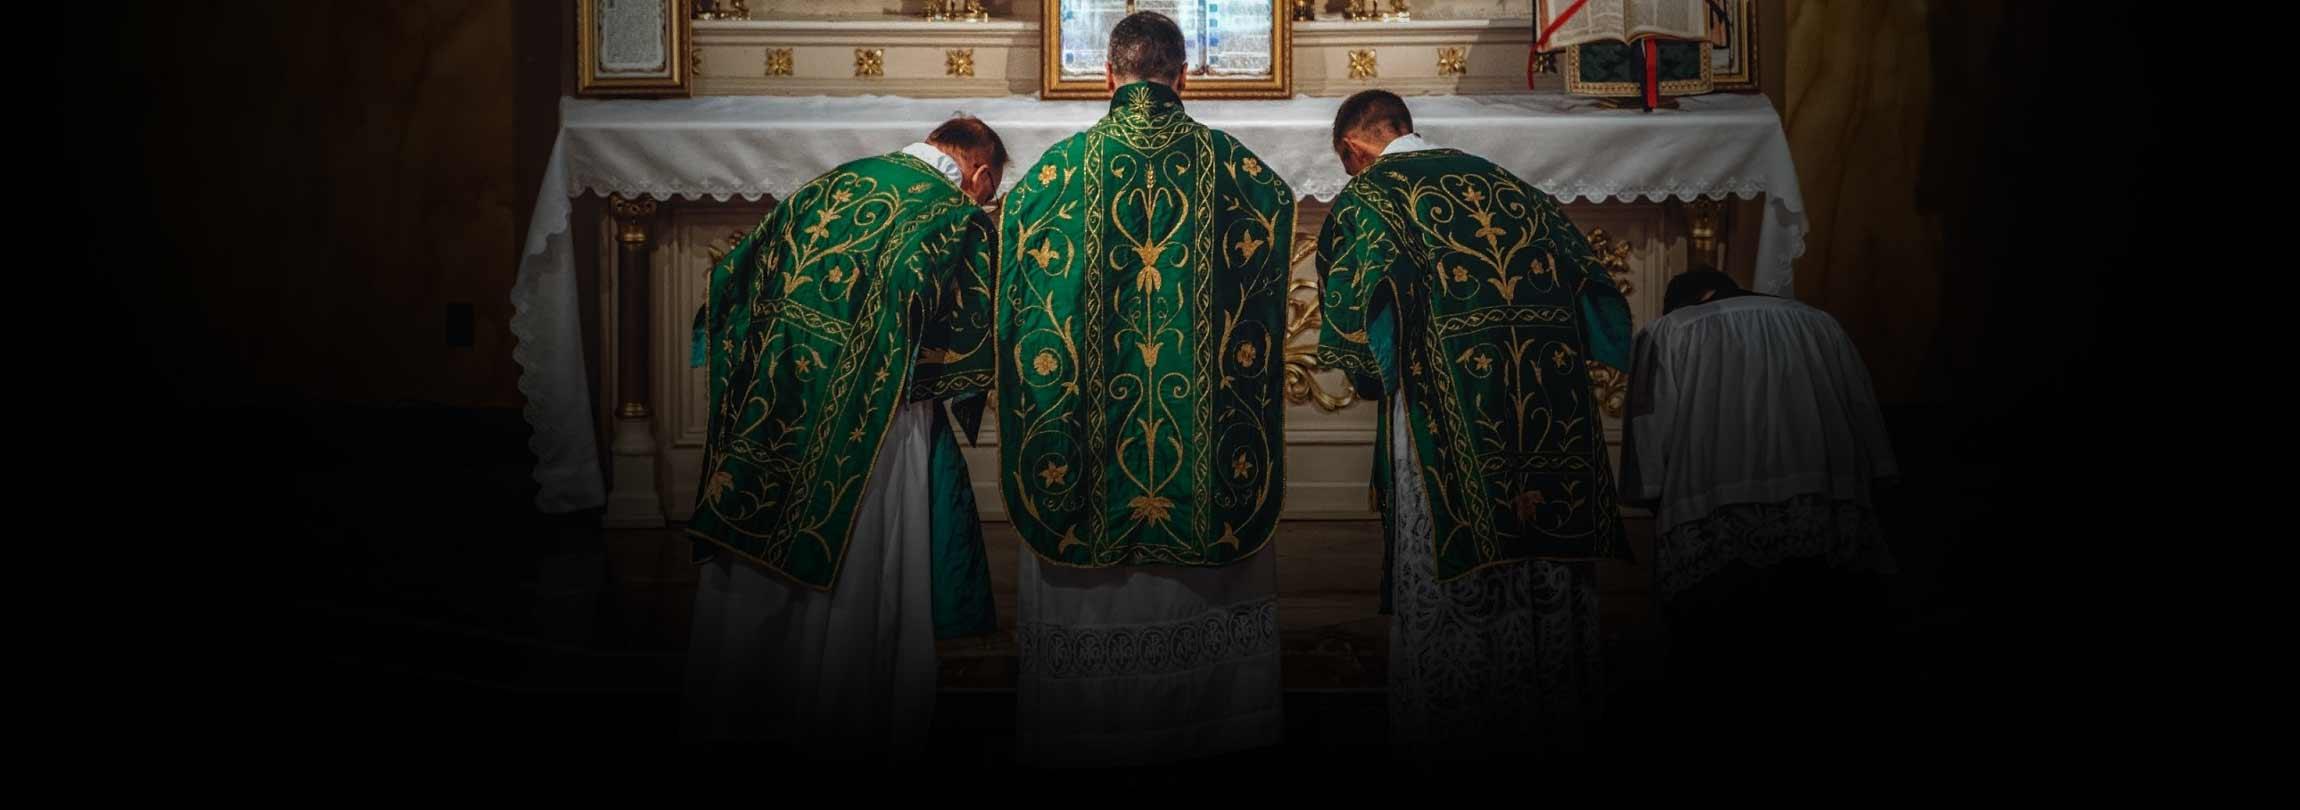 Se não houve latim em Pentecostes, por que agora?